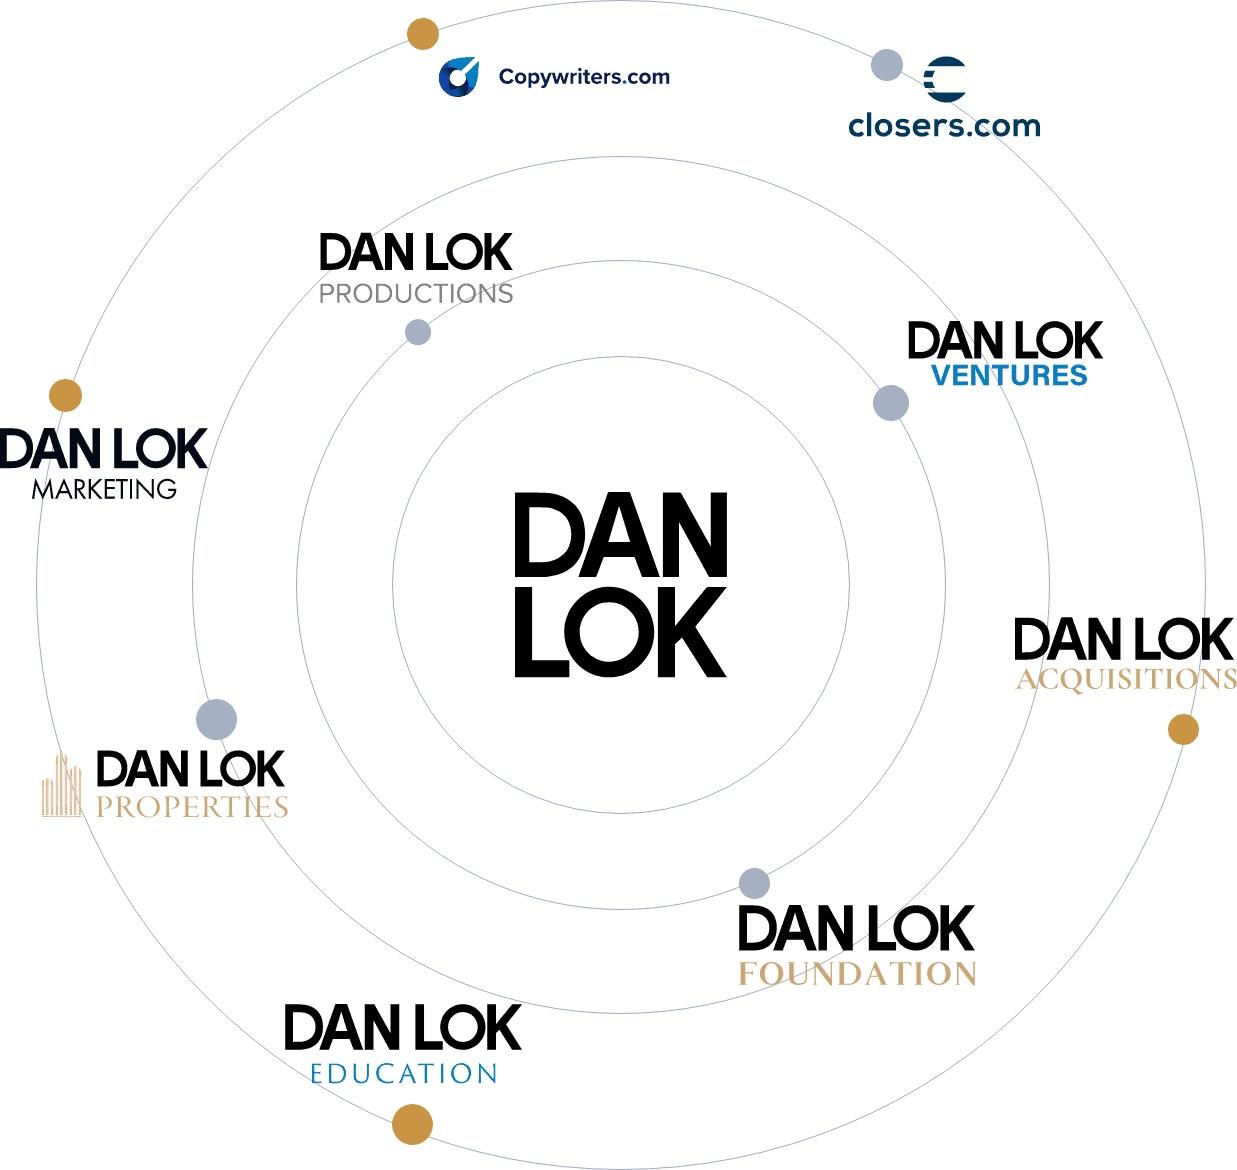 Dan Lok business